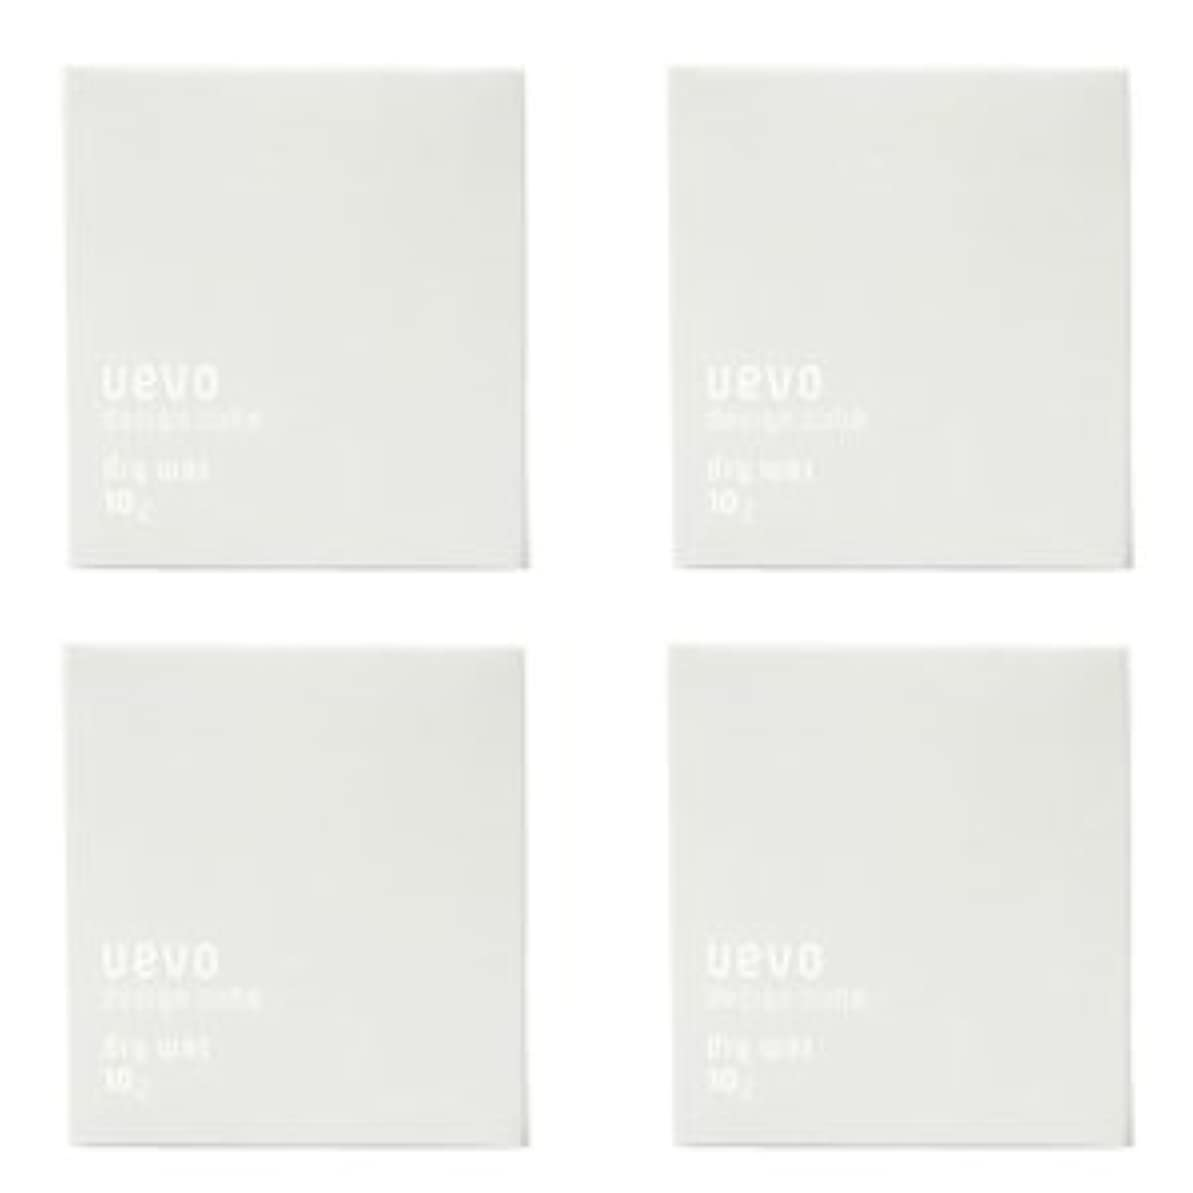 とても多くの同等のではごきげんよう【X4個セット】 デミ ウェーボ デザインキューブ ドライワックス 80g dry wax